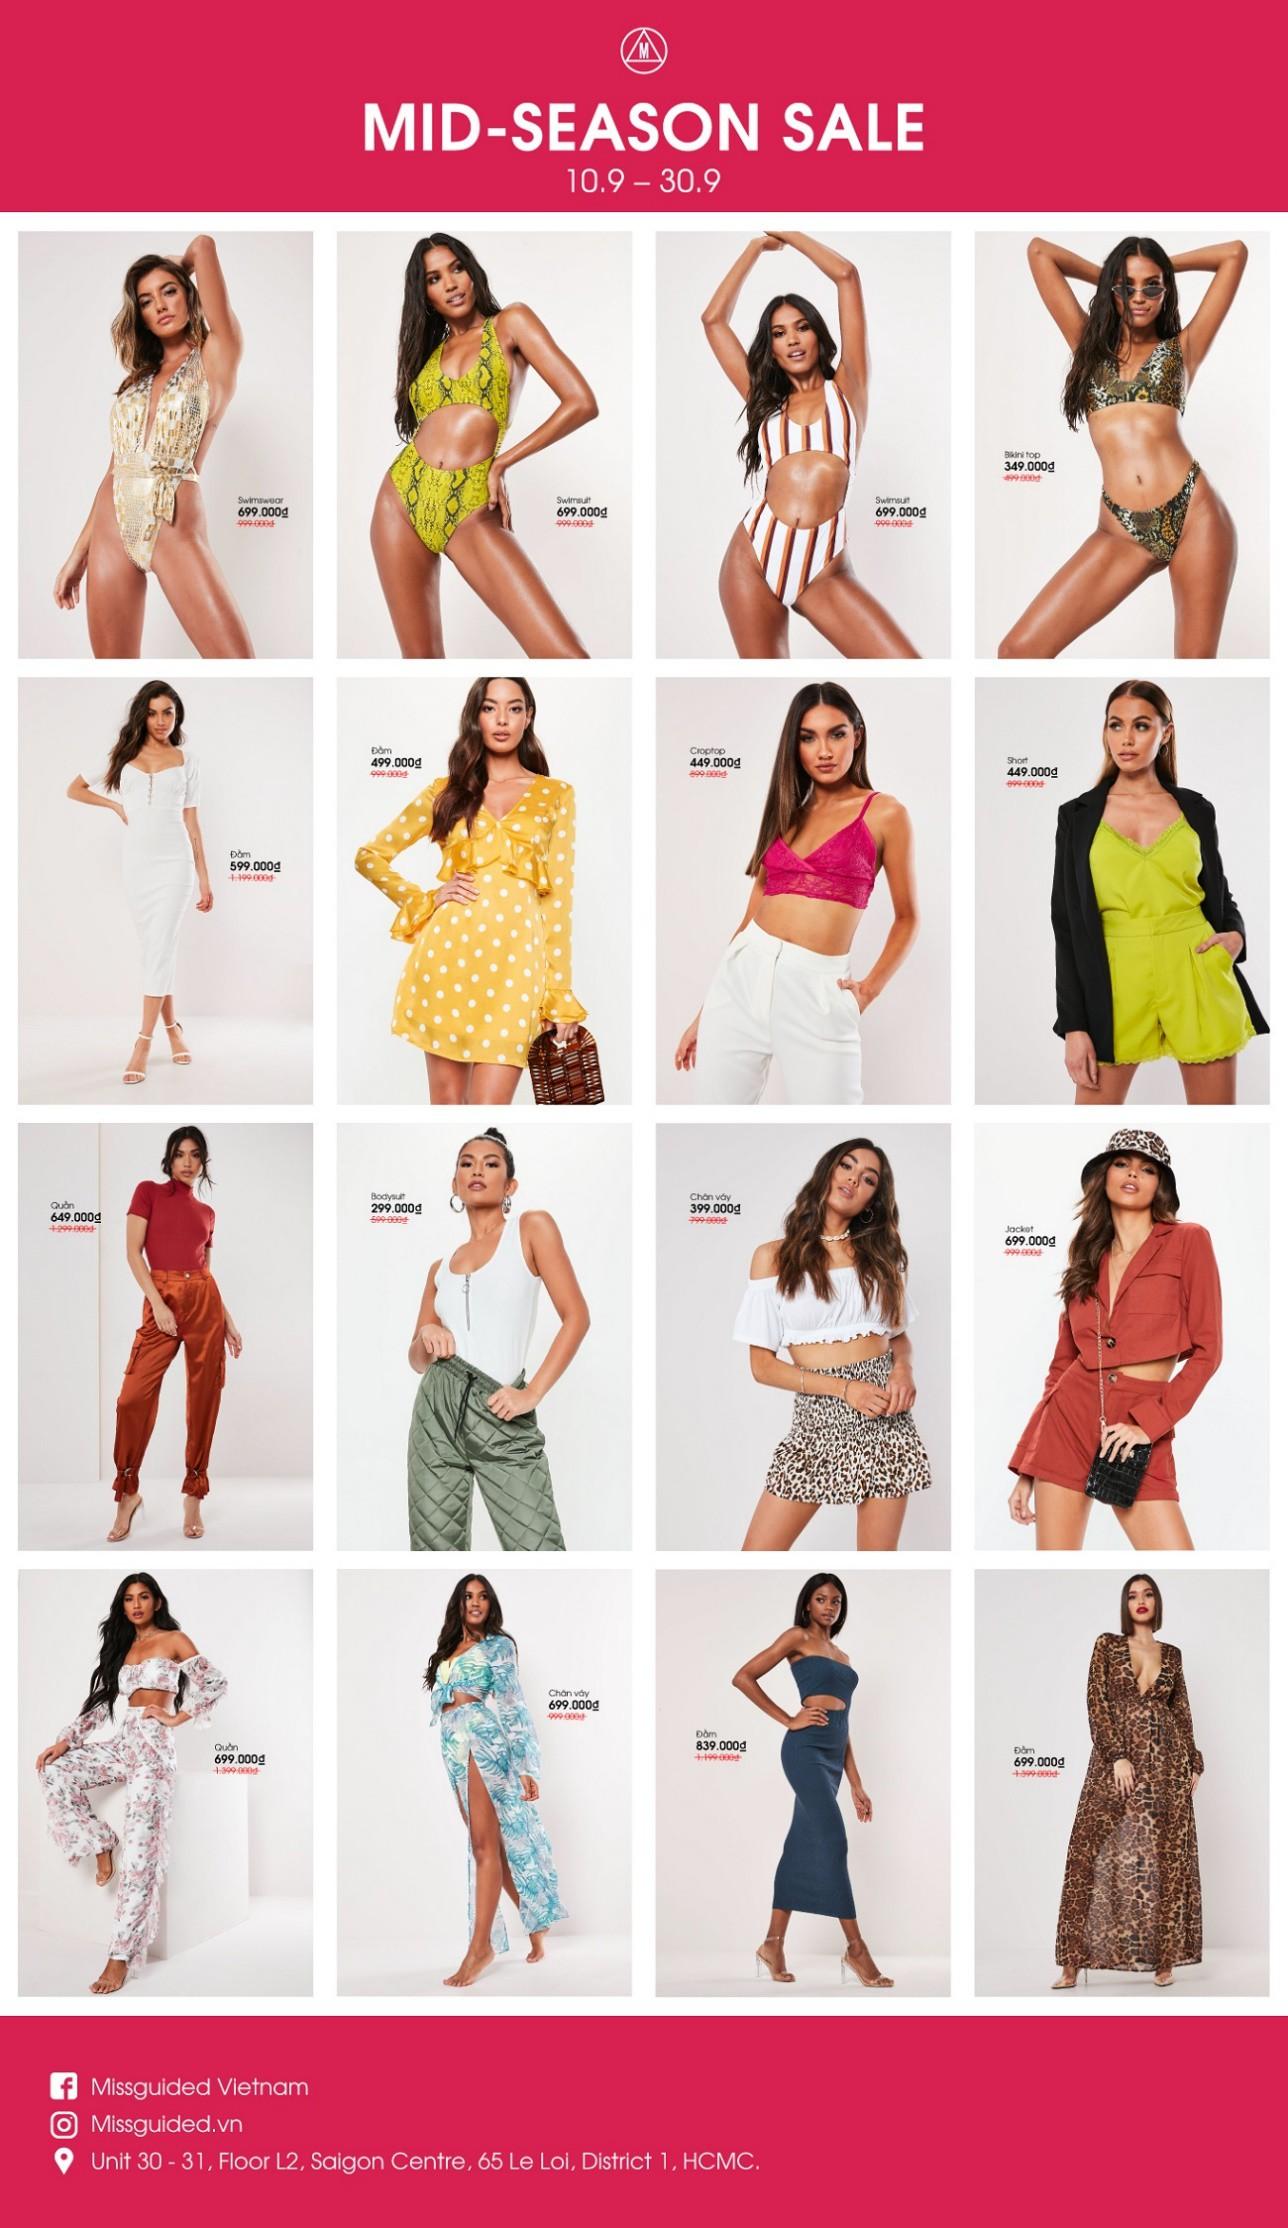 MISSGUIDED – Làn sóng mới dành cho giới trẻ yêu thời trang và thích phá cách - Ảnh 11.